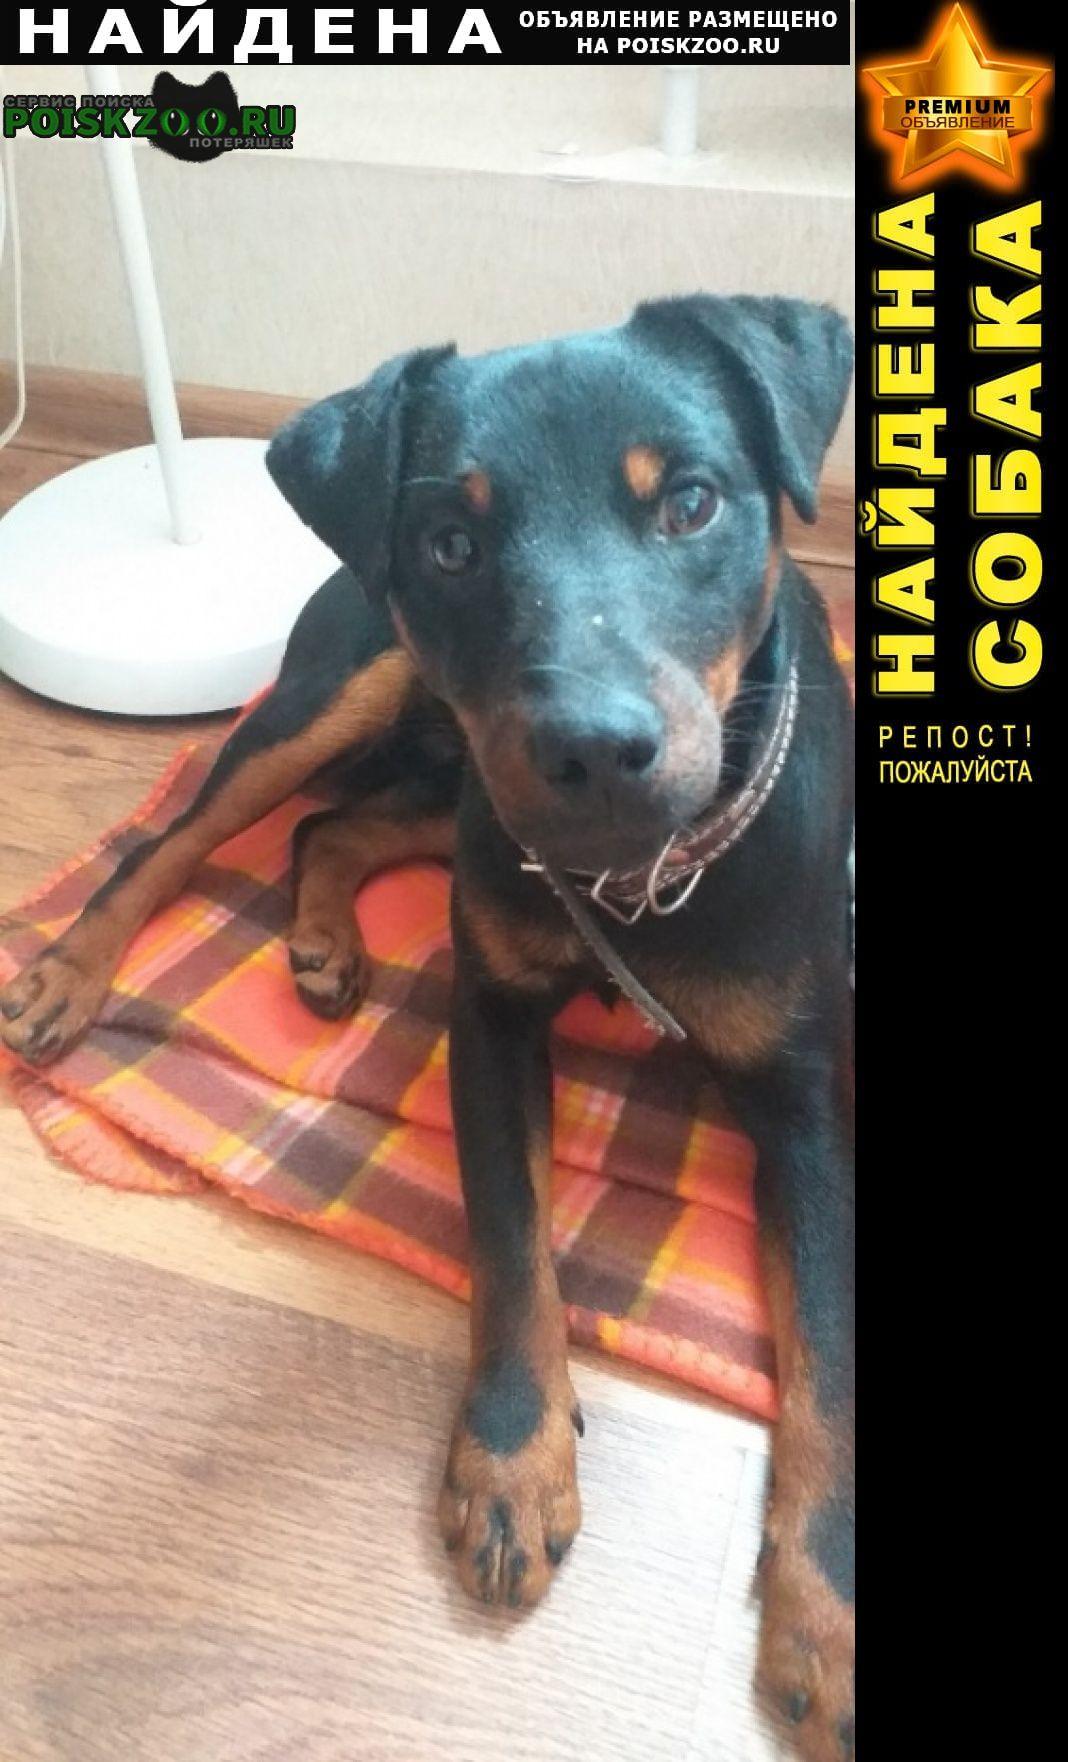 Найдена собака кобель нахичевань Ростов-на-Дону